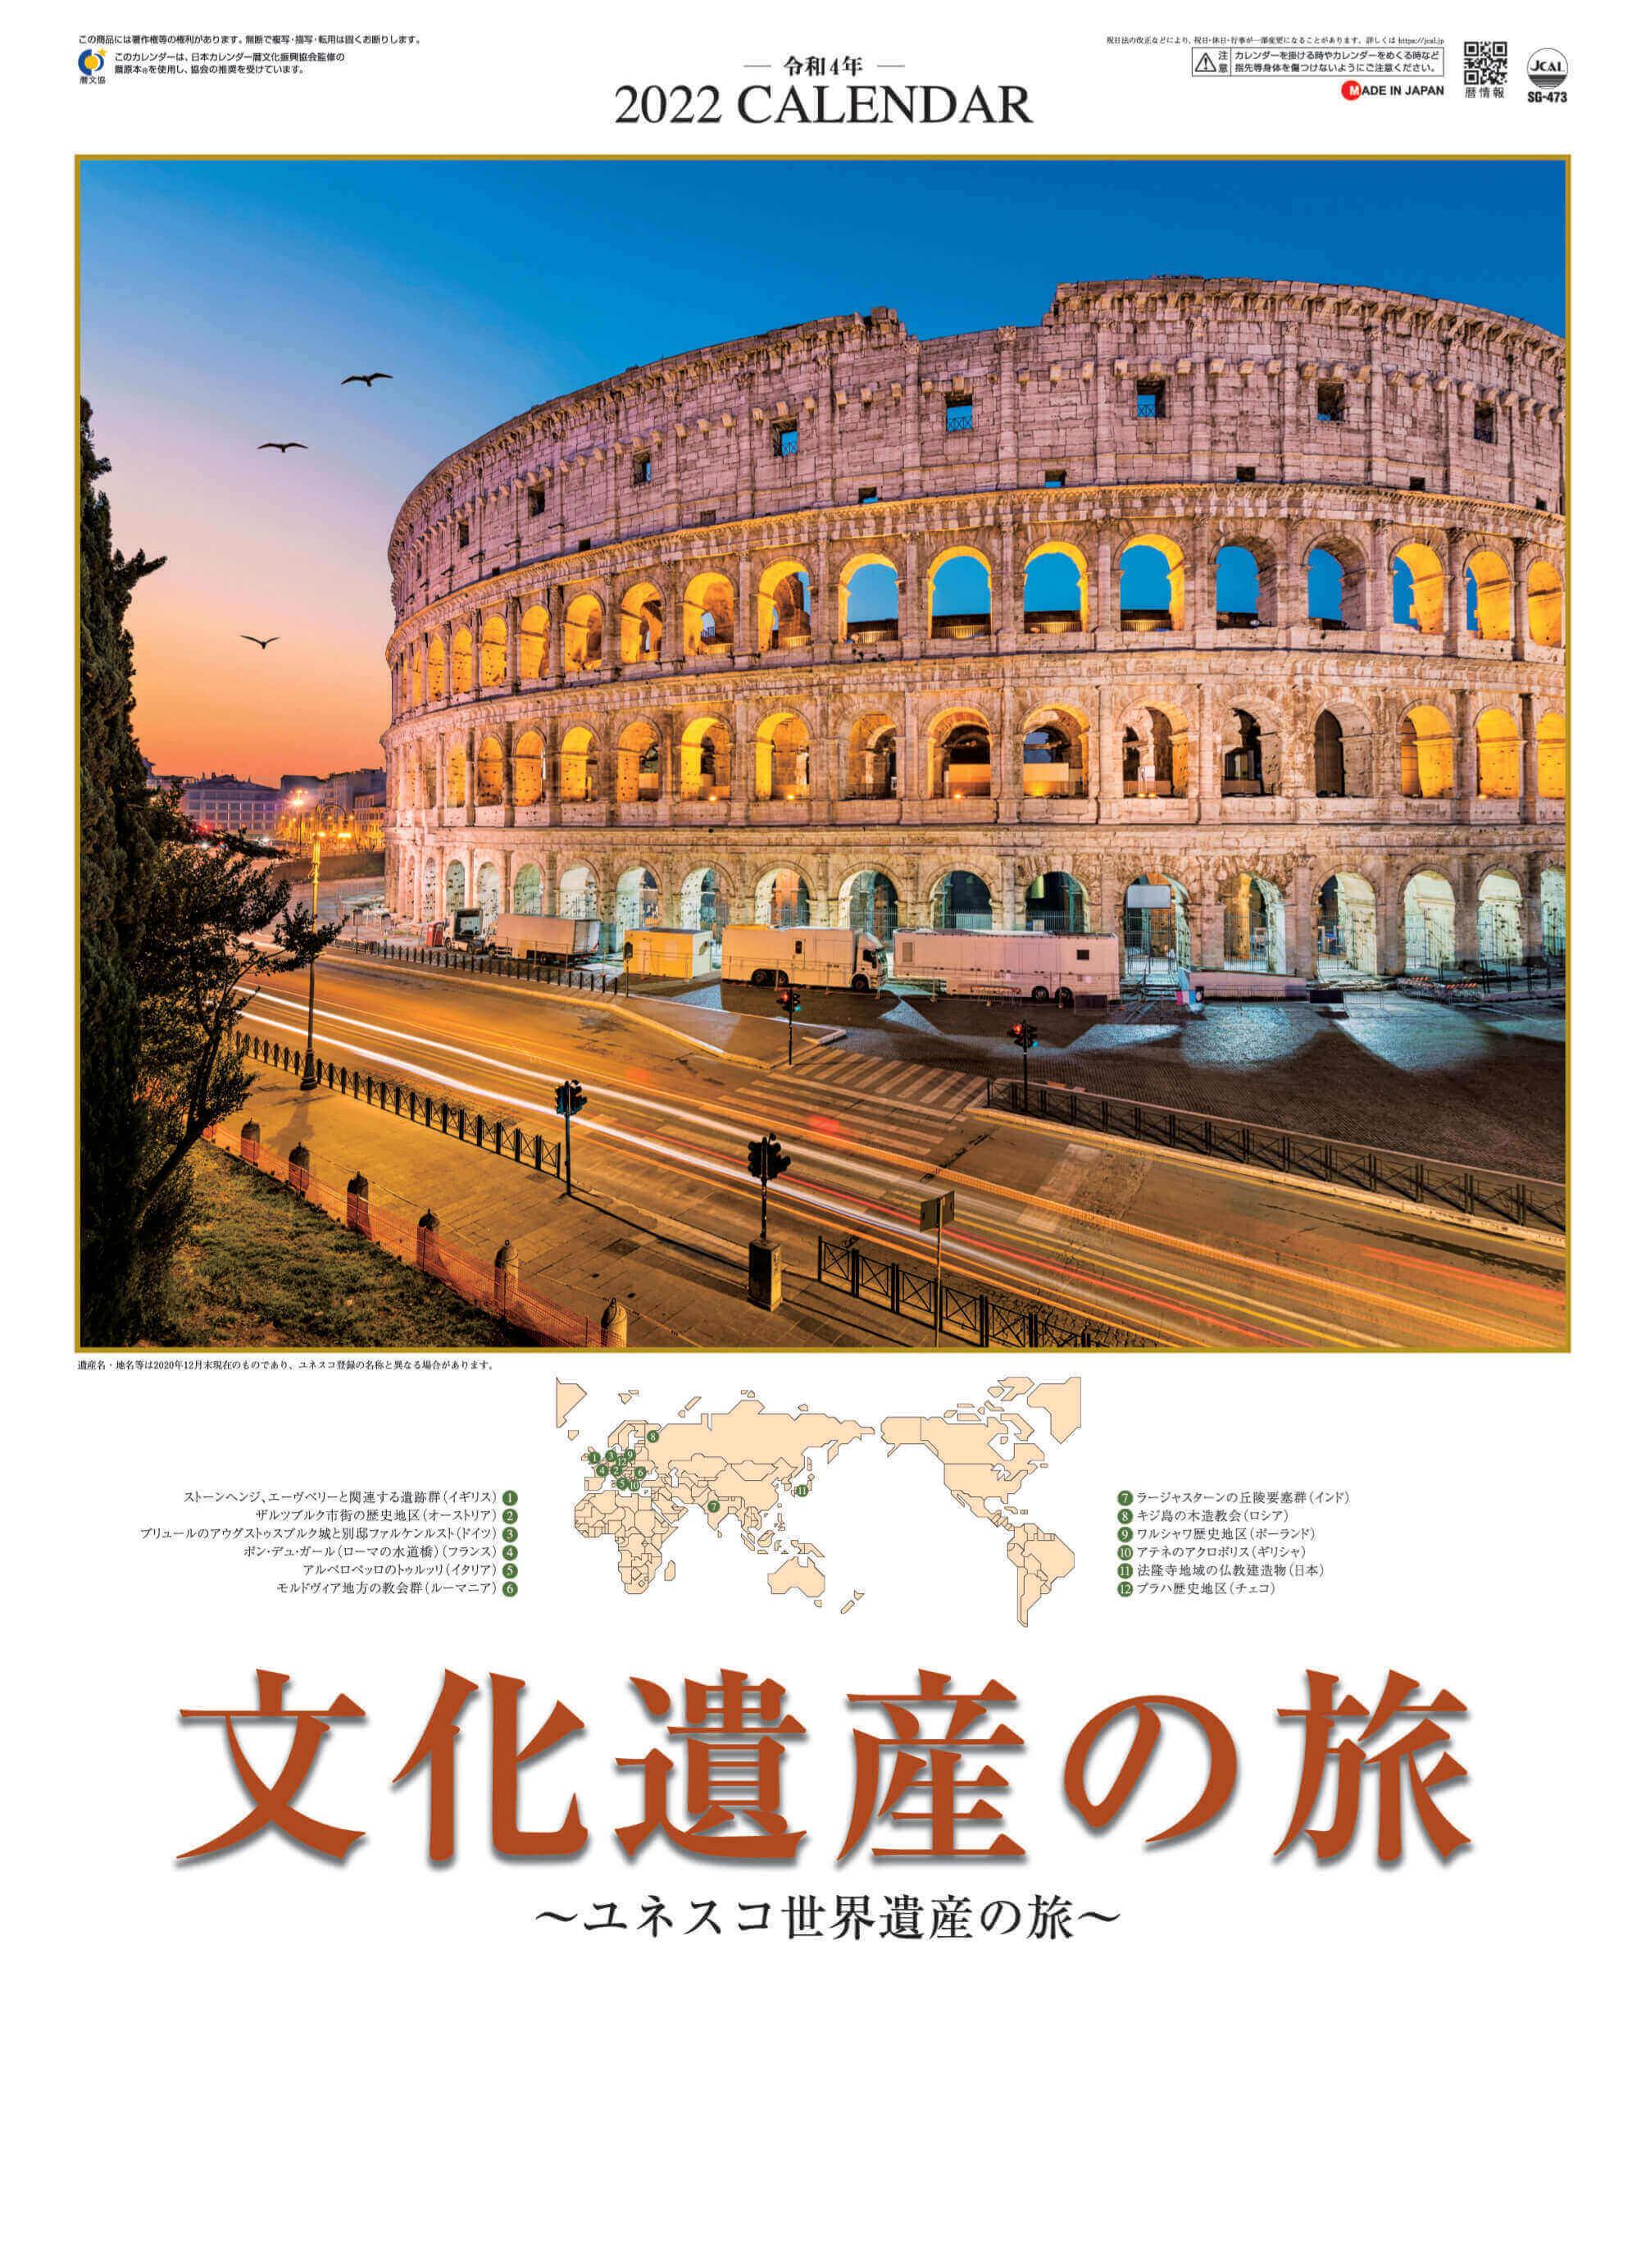 文化遺産の旅(ユネスコ世界遺産) 2022年カレンダーの画像